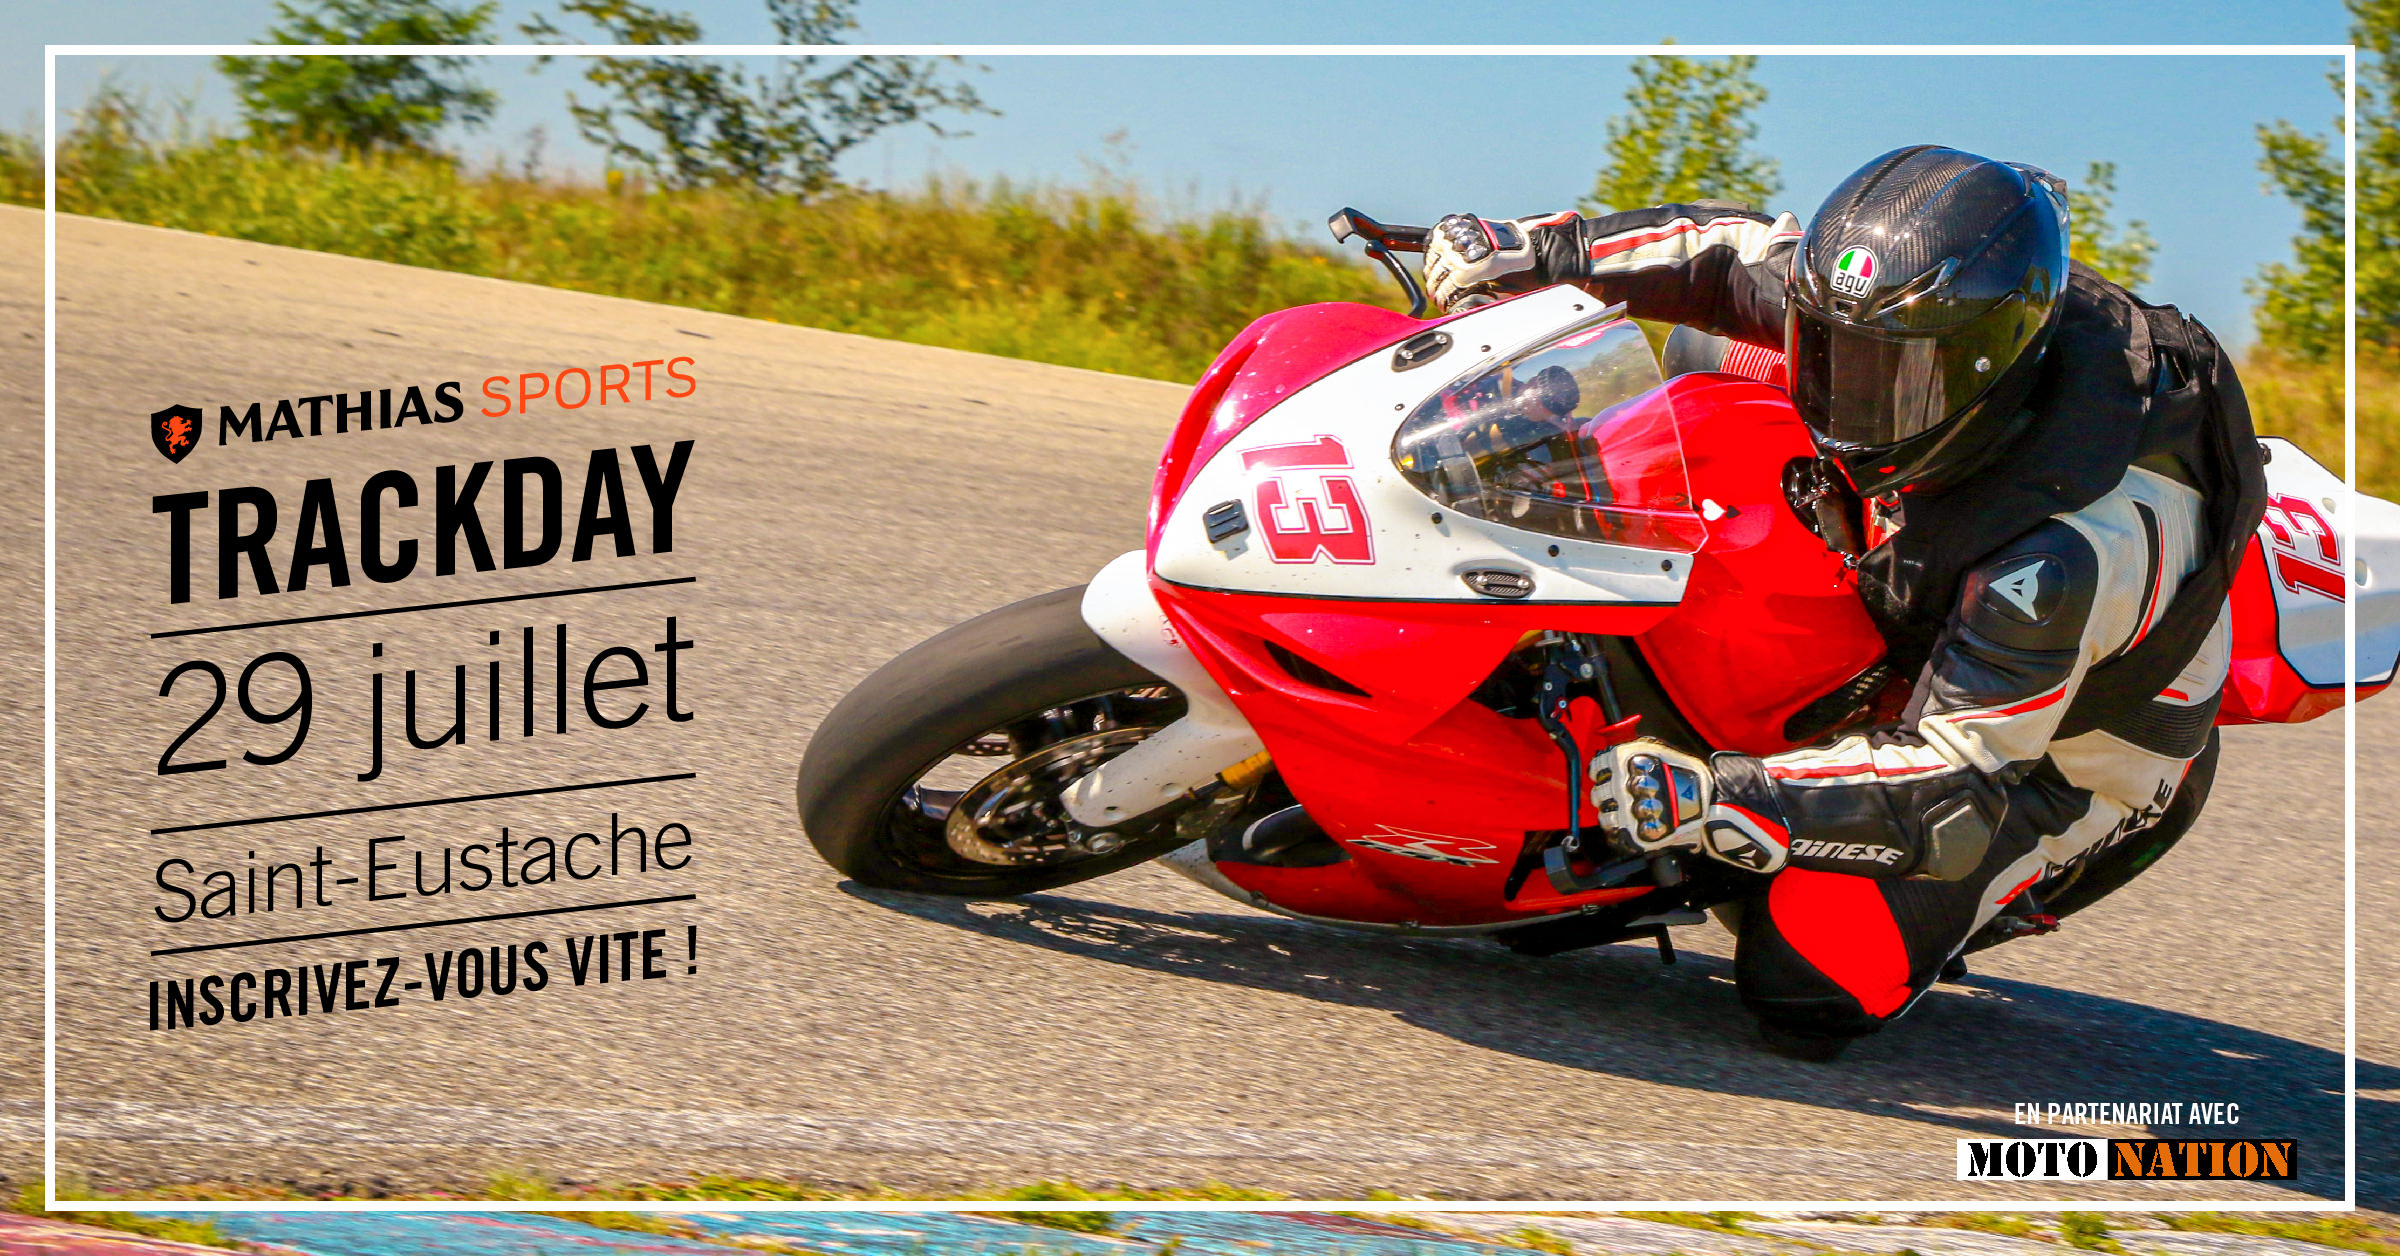 Ne manquez pas notre Track Day le 29 juillet à Saint-Eustache !